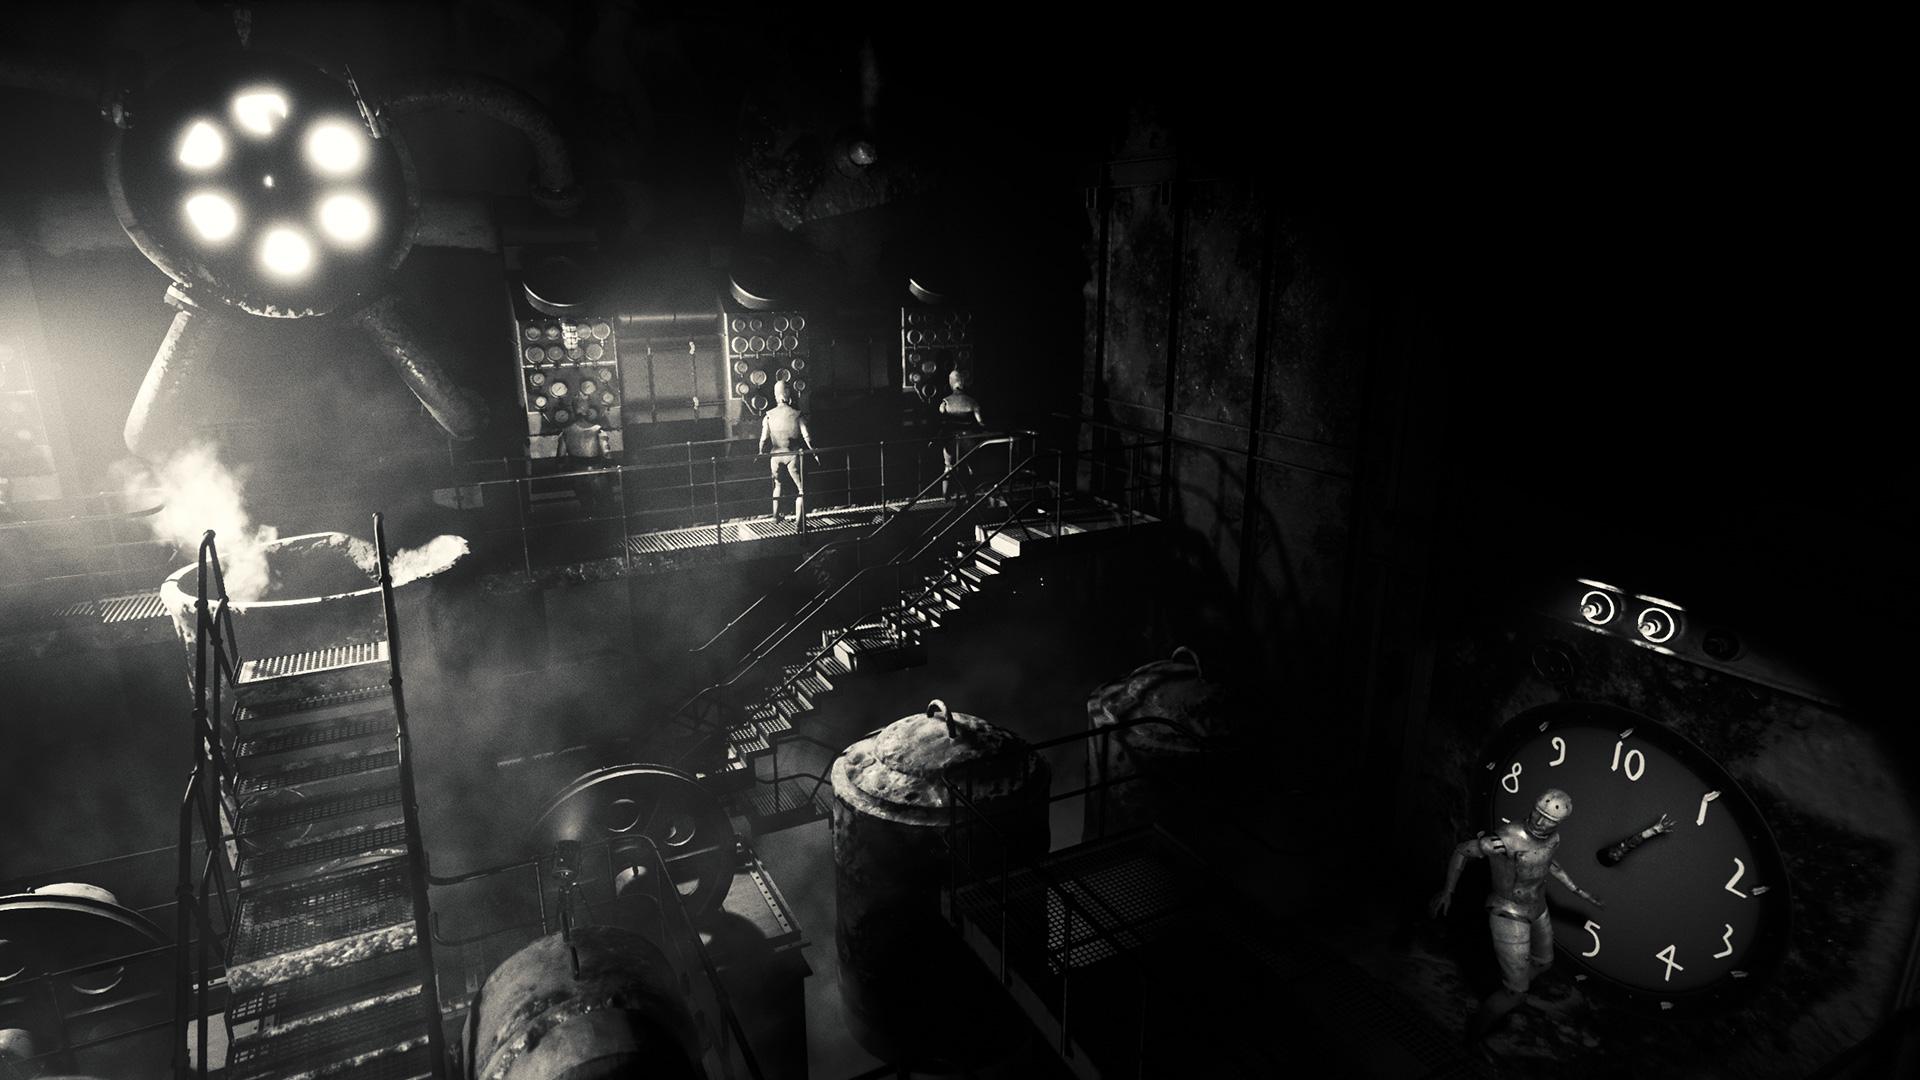 《层层恐惧2》发行商或在开发《德州电锯杀人狂》游戏